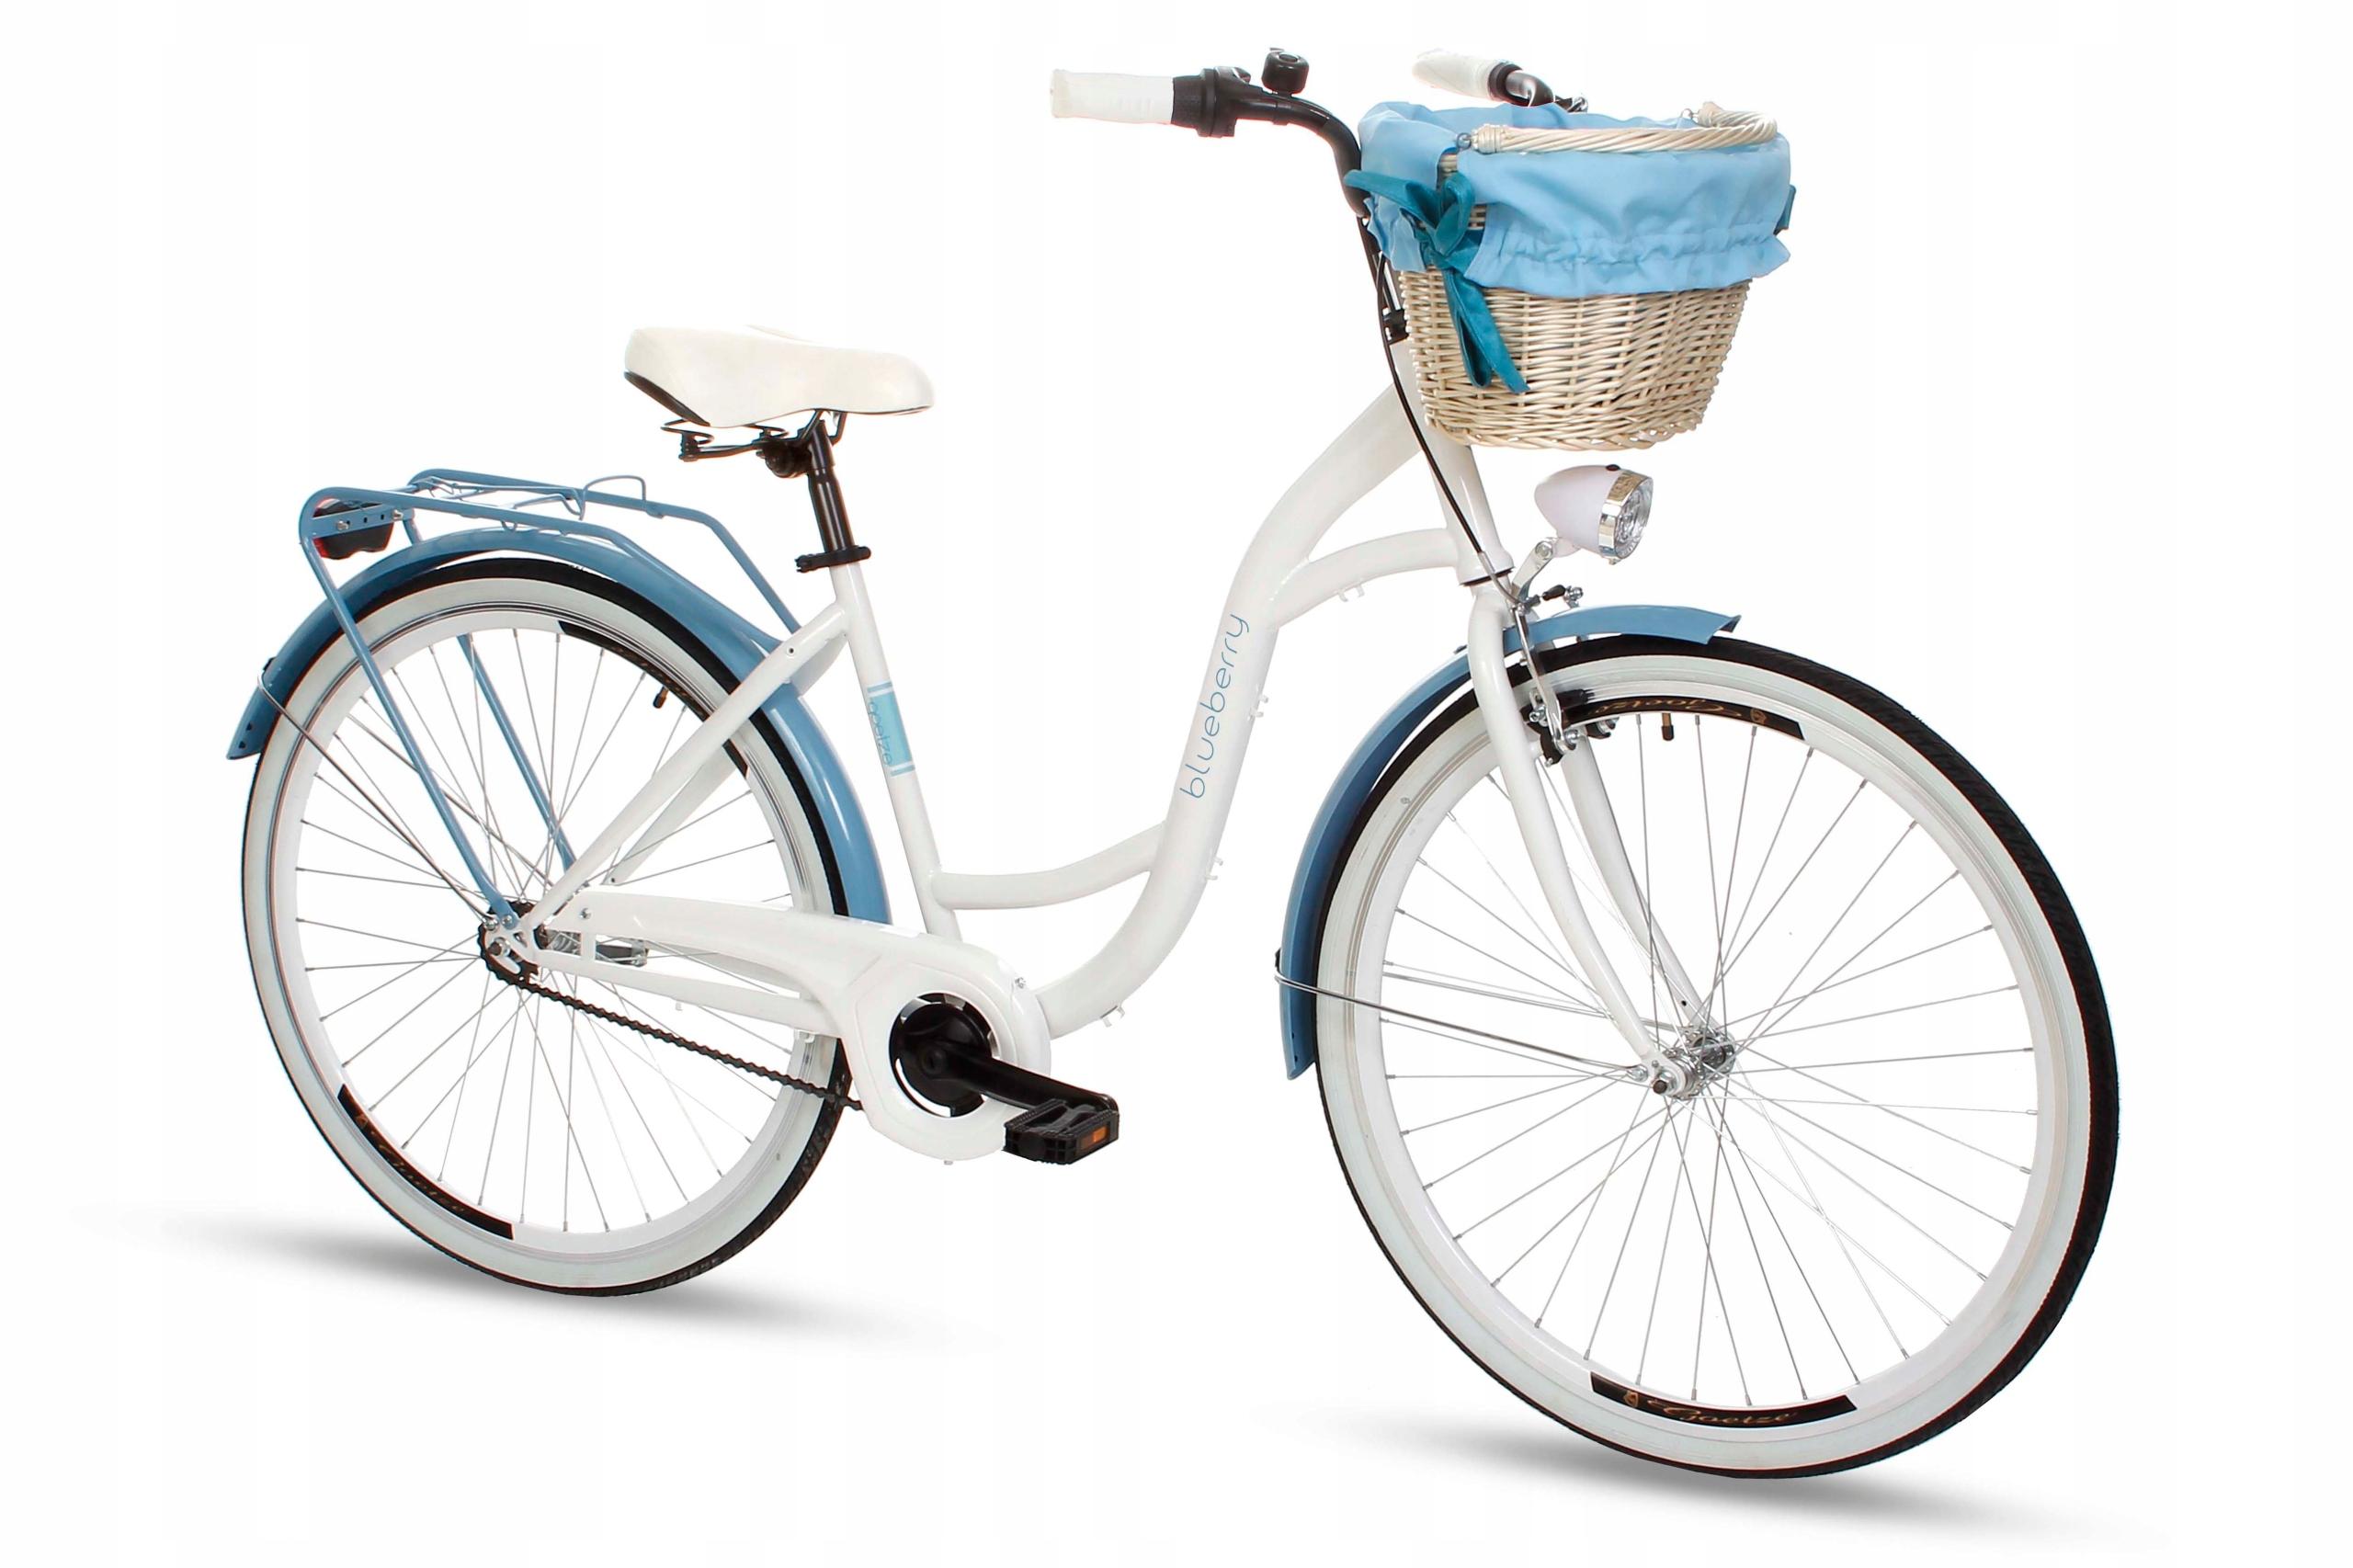 Dámsky mestský bicykel Goetze BLUEBERRY 28 košík!  Váha 16 kg